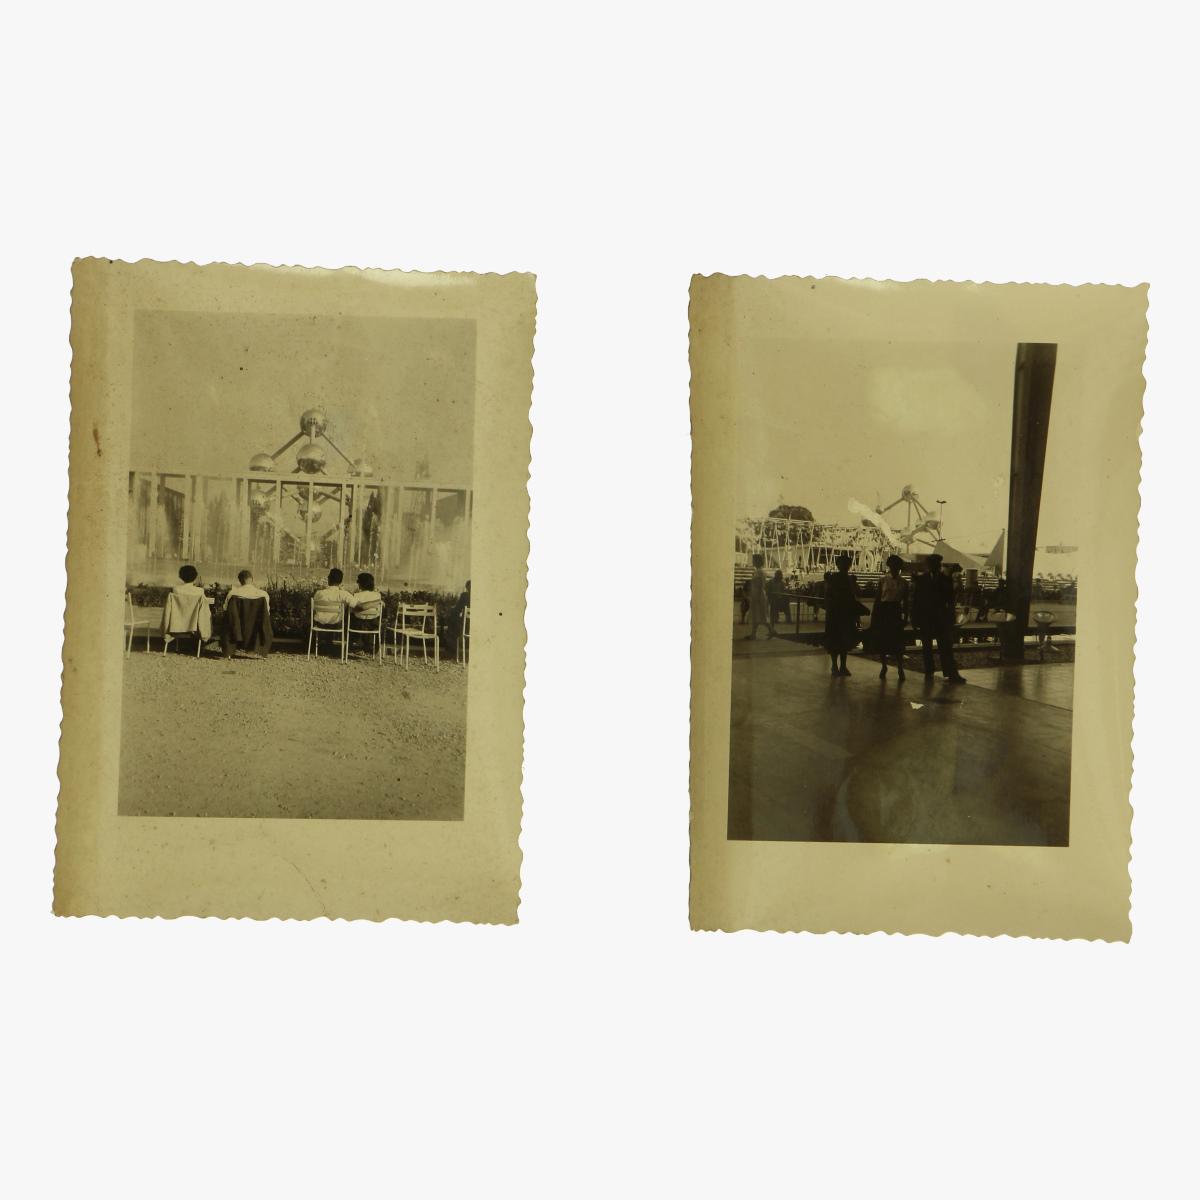 Afbeeldingen van 2 foto expo 58